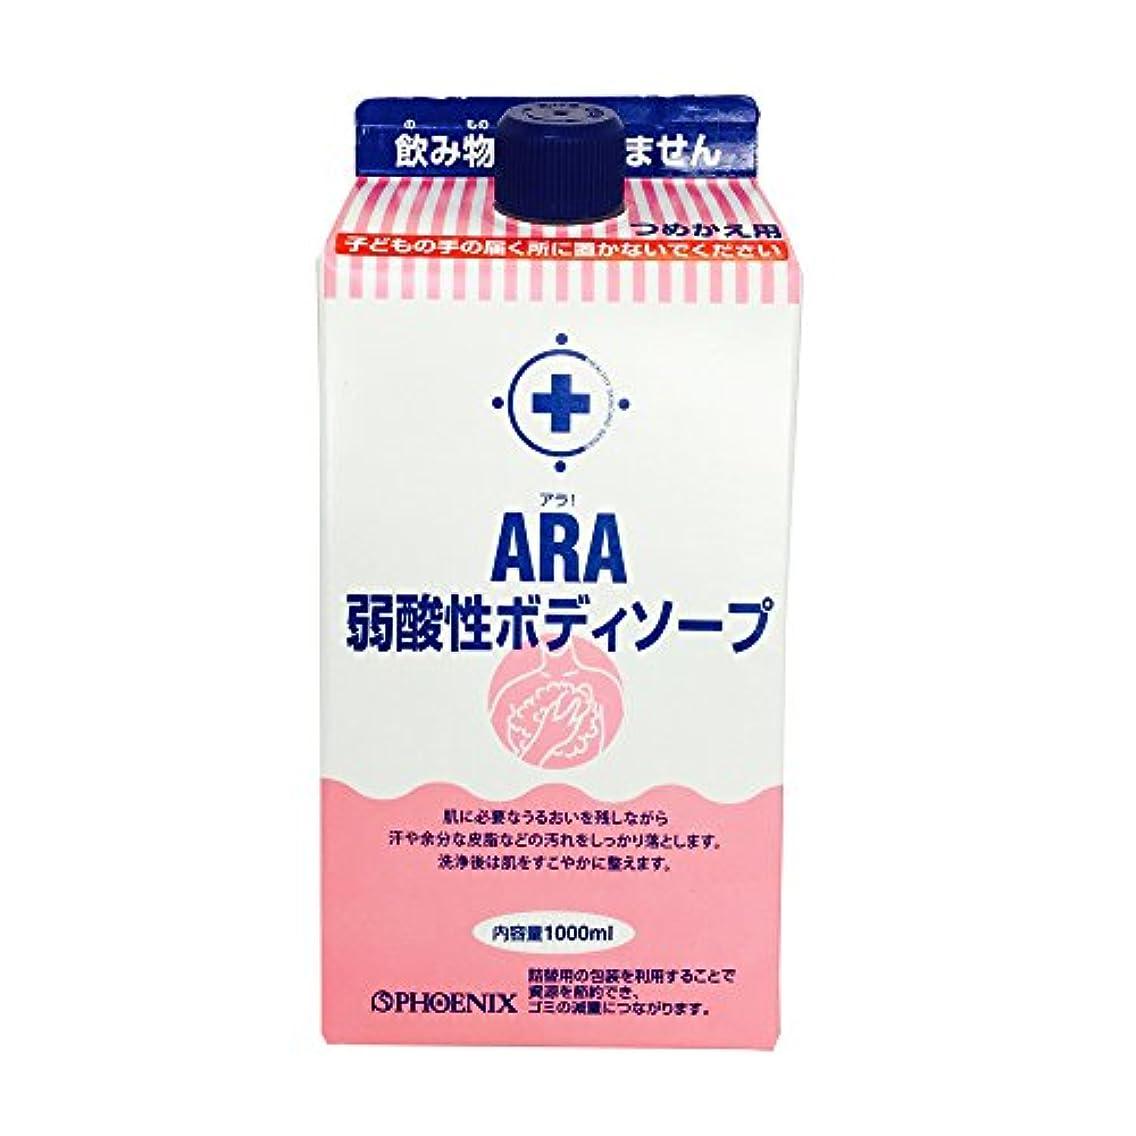 すでに農民模倣アラ弱酸性ボディソープ 1L 1本